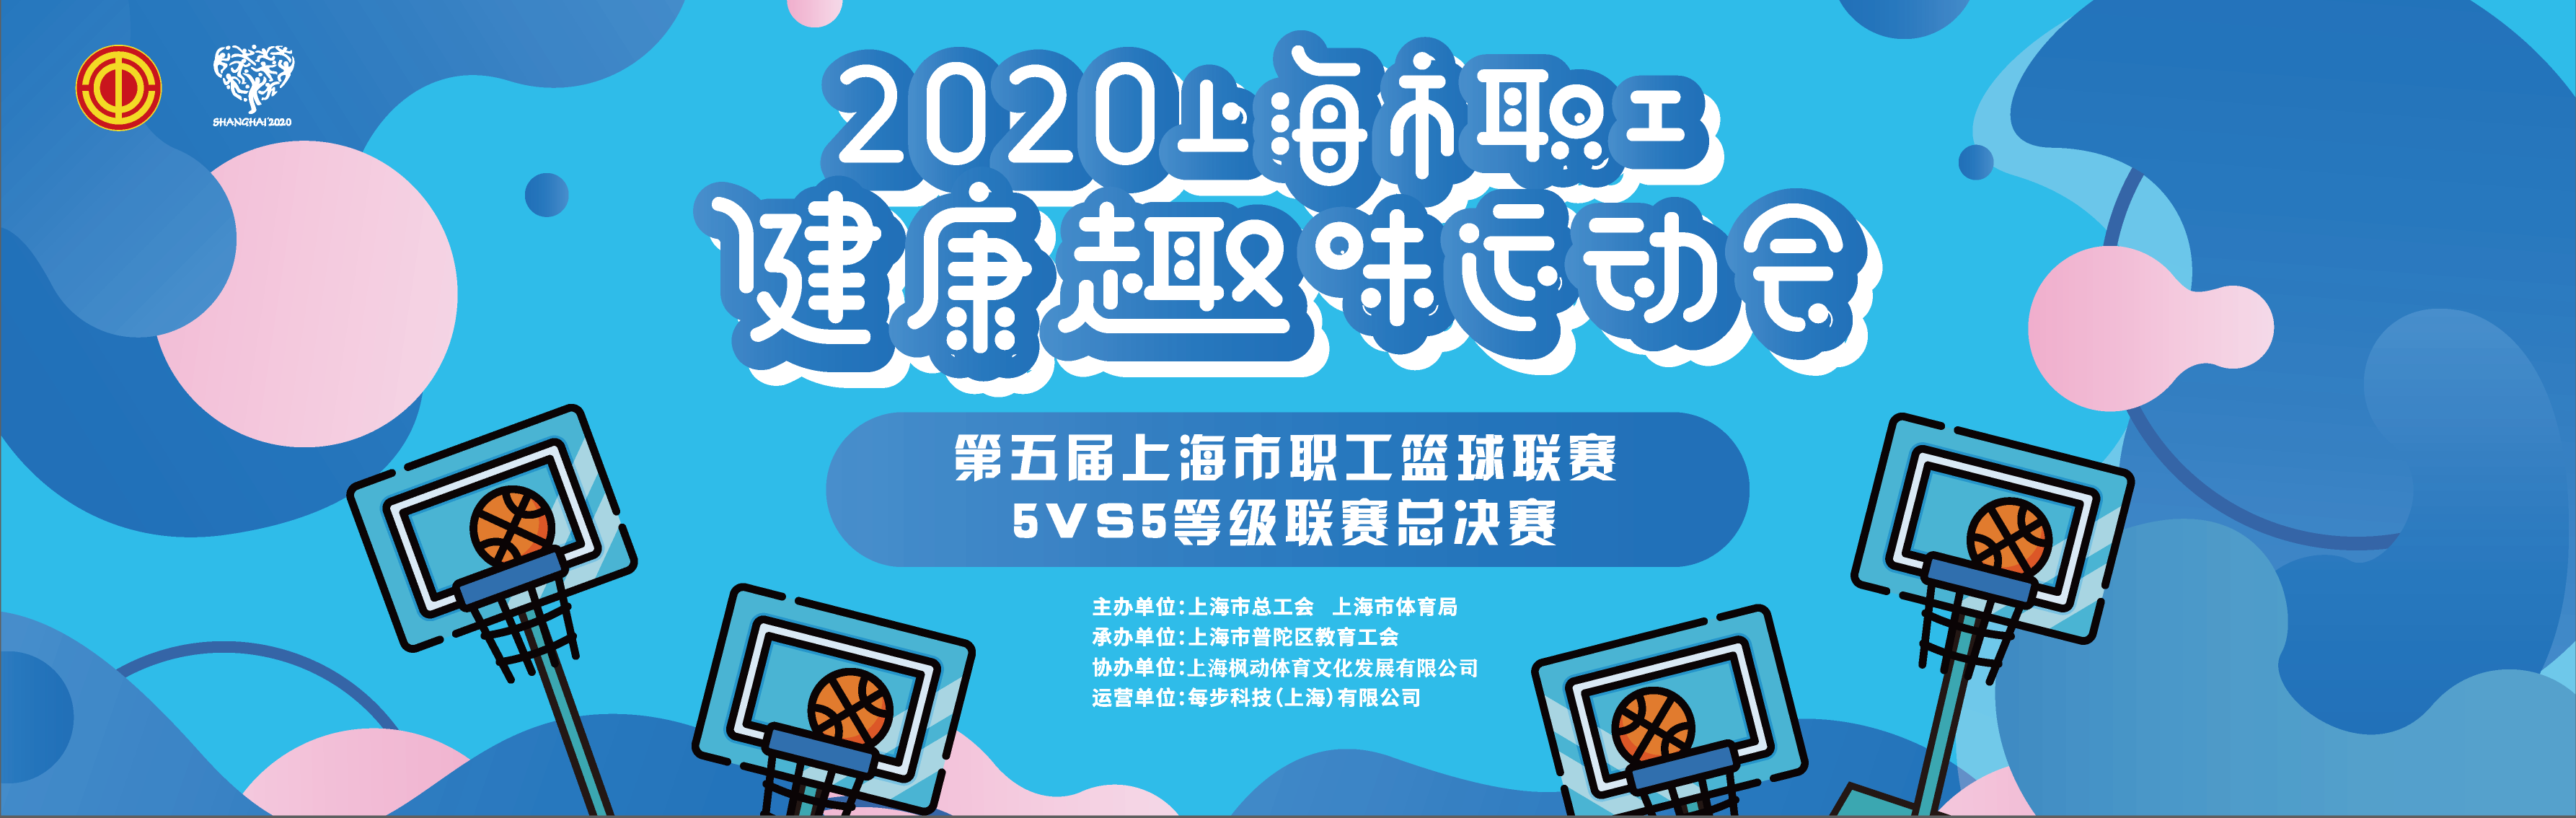 2020年第五届上海市职工篮球5VS5等级联赛